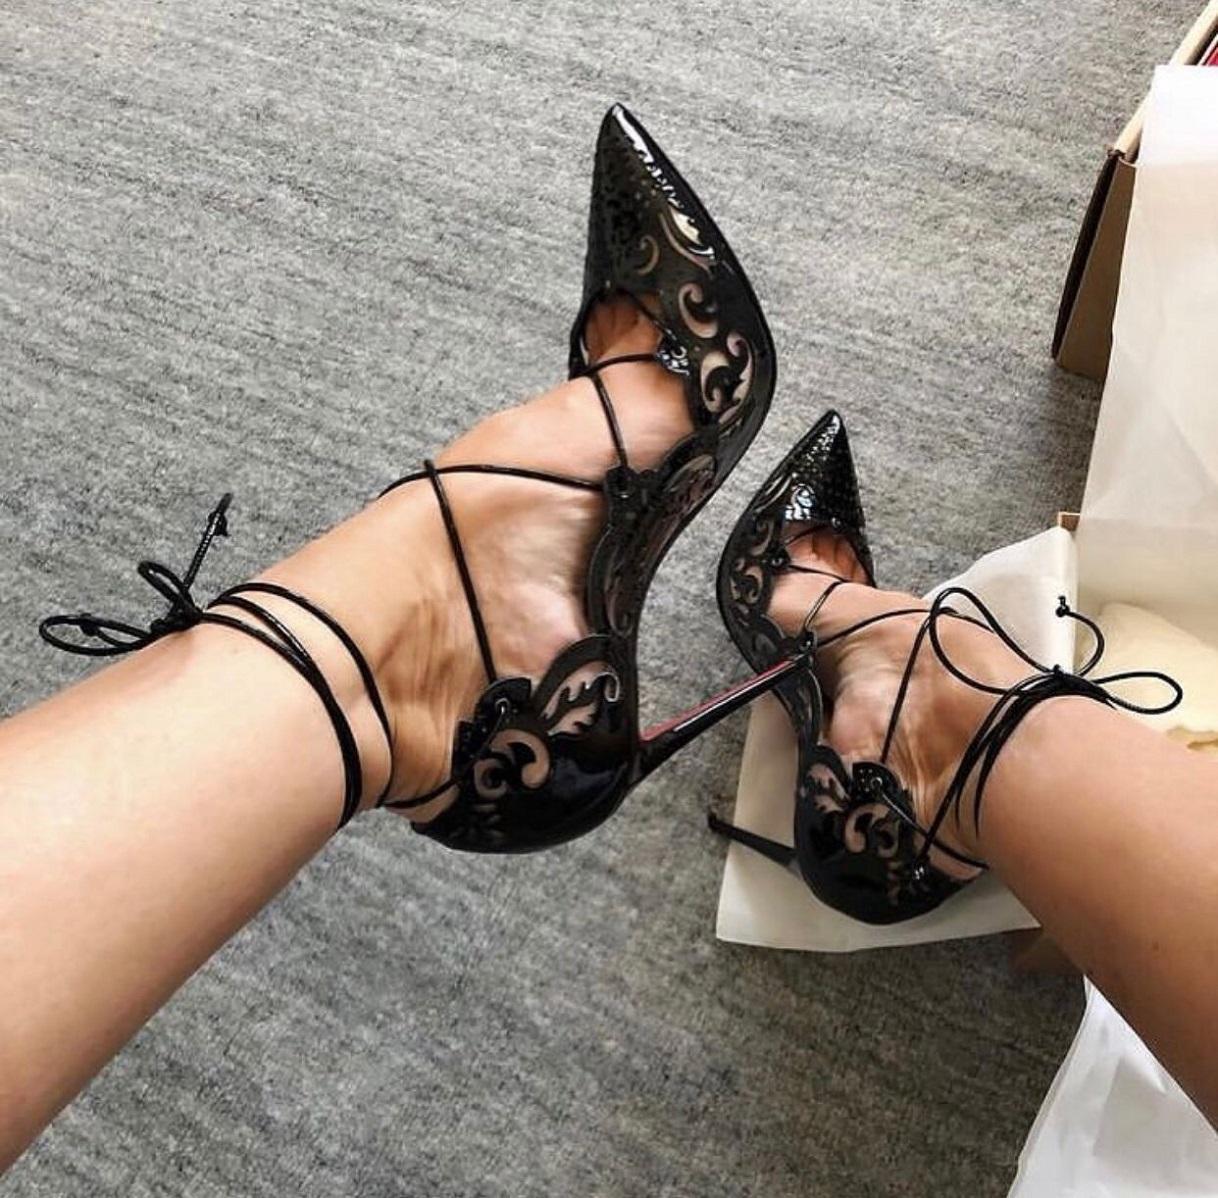 أنيقة سيدة حمراء أسفل مضخات النساء الأحذية أشار تو إمبيرا عالية الكعب مساء اللباس الزفاف مثير المصارع الخنجر كعب eu35-43